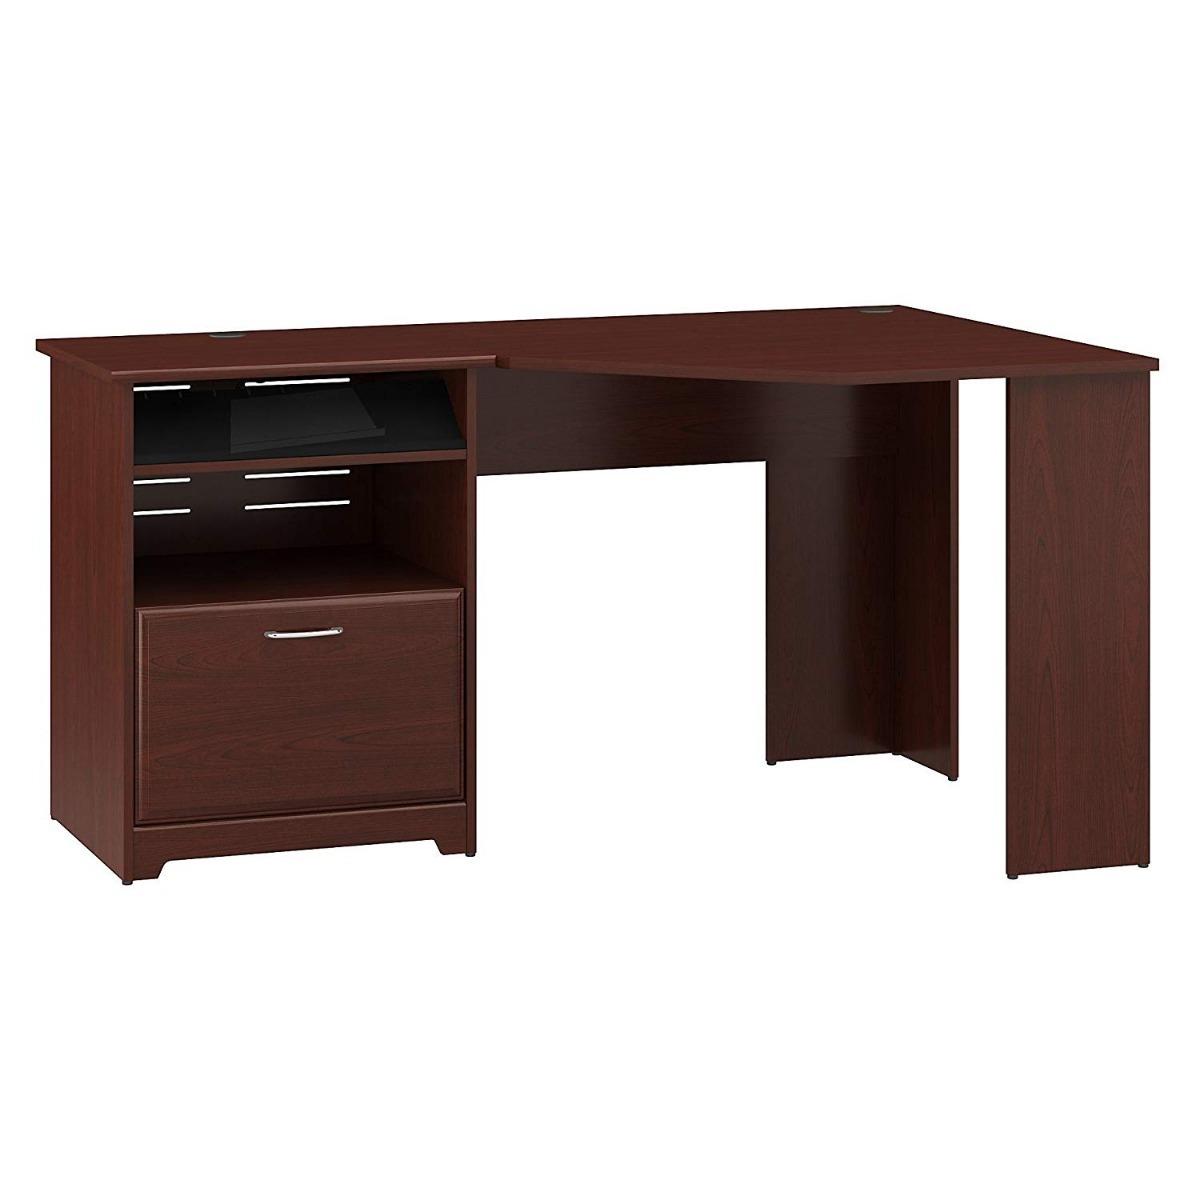 Escritorio de madera esquinero para hogar u oficina msi - Escritorios de madera para oficina ...